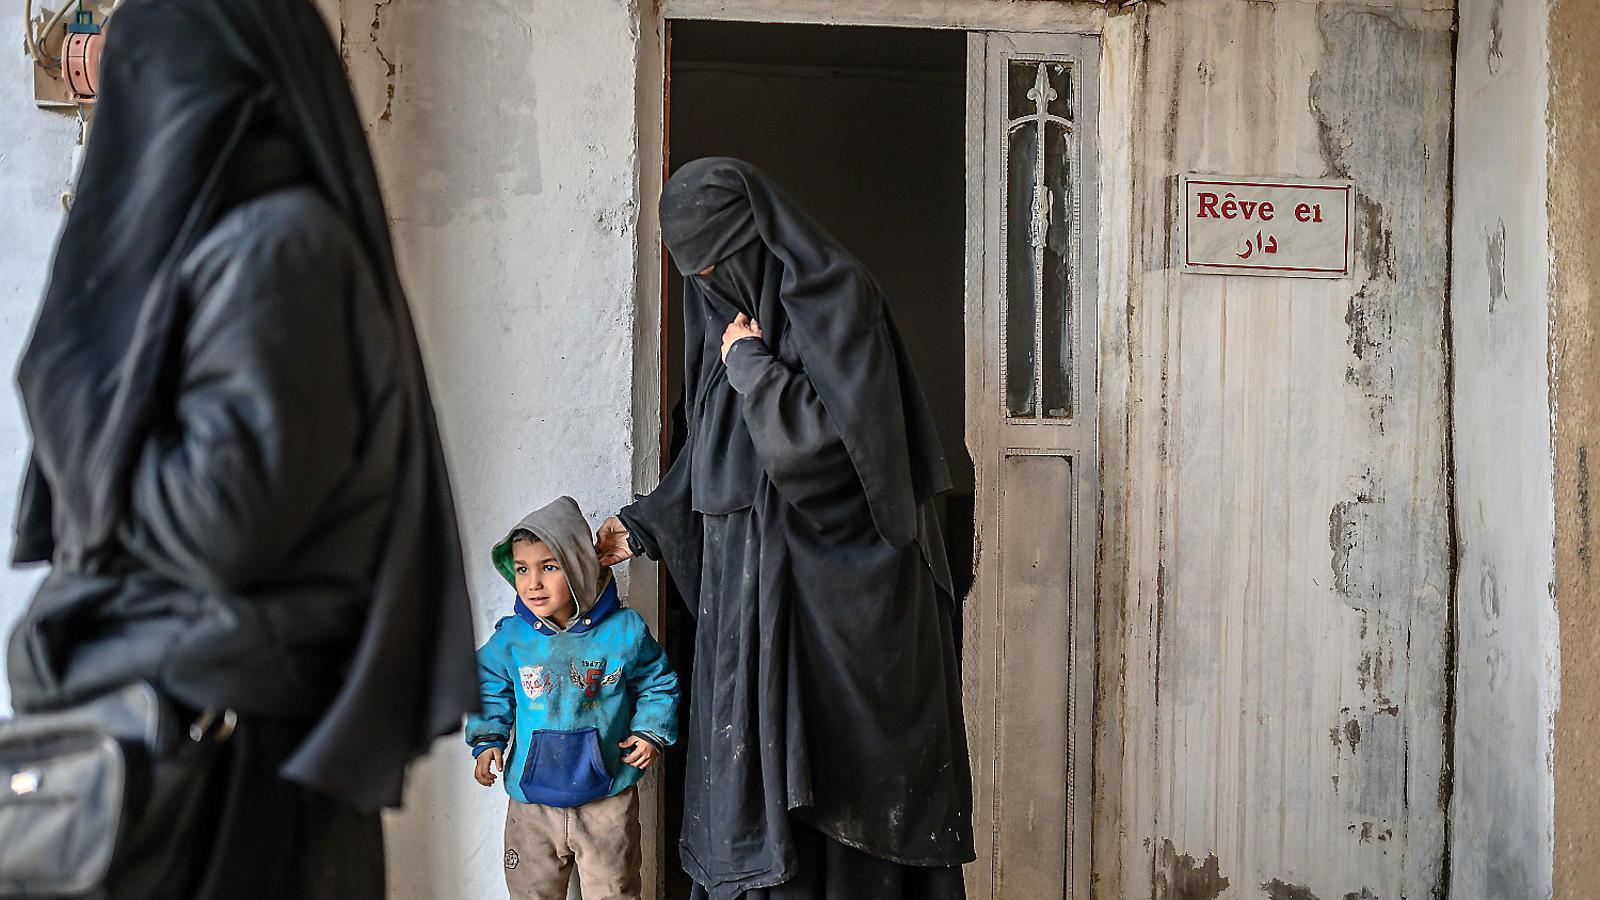 Una dona francesa detinguda amb el seu fill en un camp del nord de Síria després de fugir de Baghouz, l'últim reducte de l'Estat Islàmic.